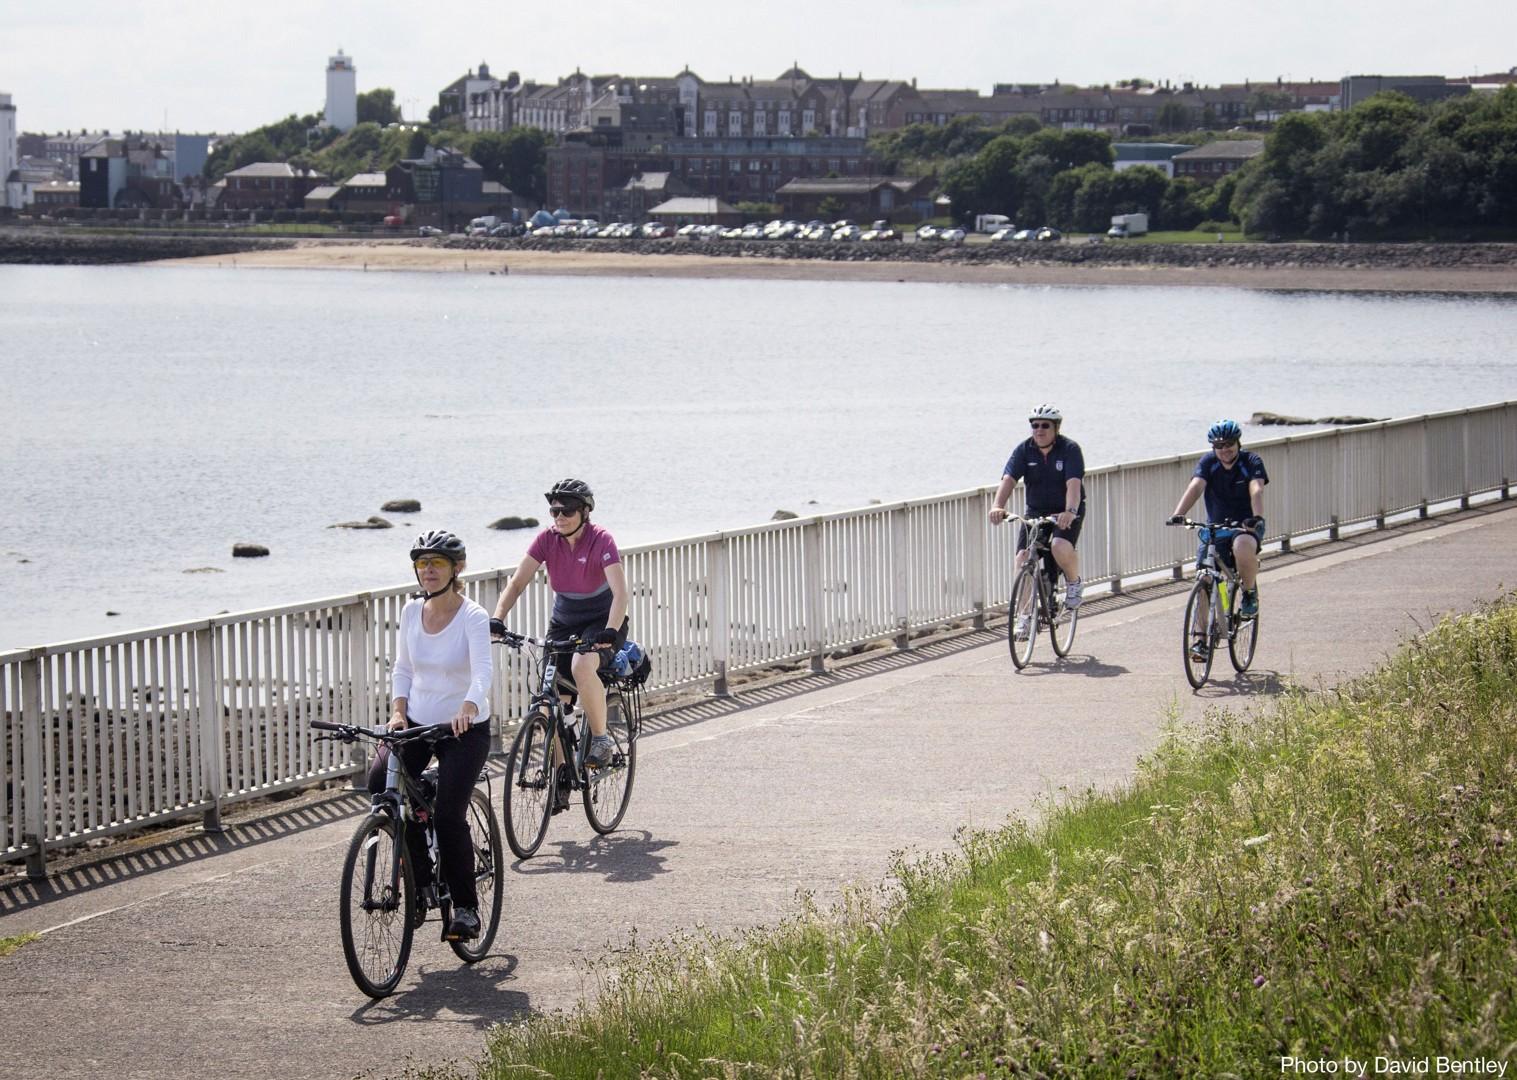 Supported-Leisure-Cycling-Holiday-Hadrians-Cycleway-UK-cycle-Corbridge.jpg - UK - Hadrian's Cycleway - Supported Leisure Cycling Holiday - Leisure Cycling